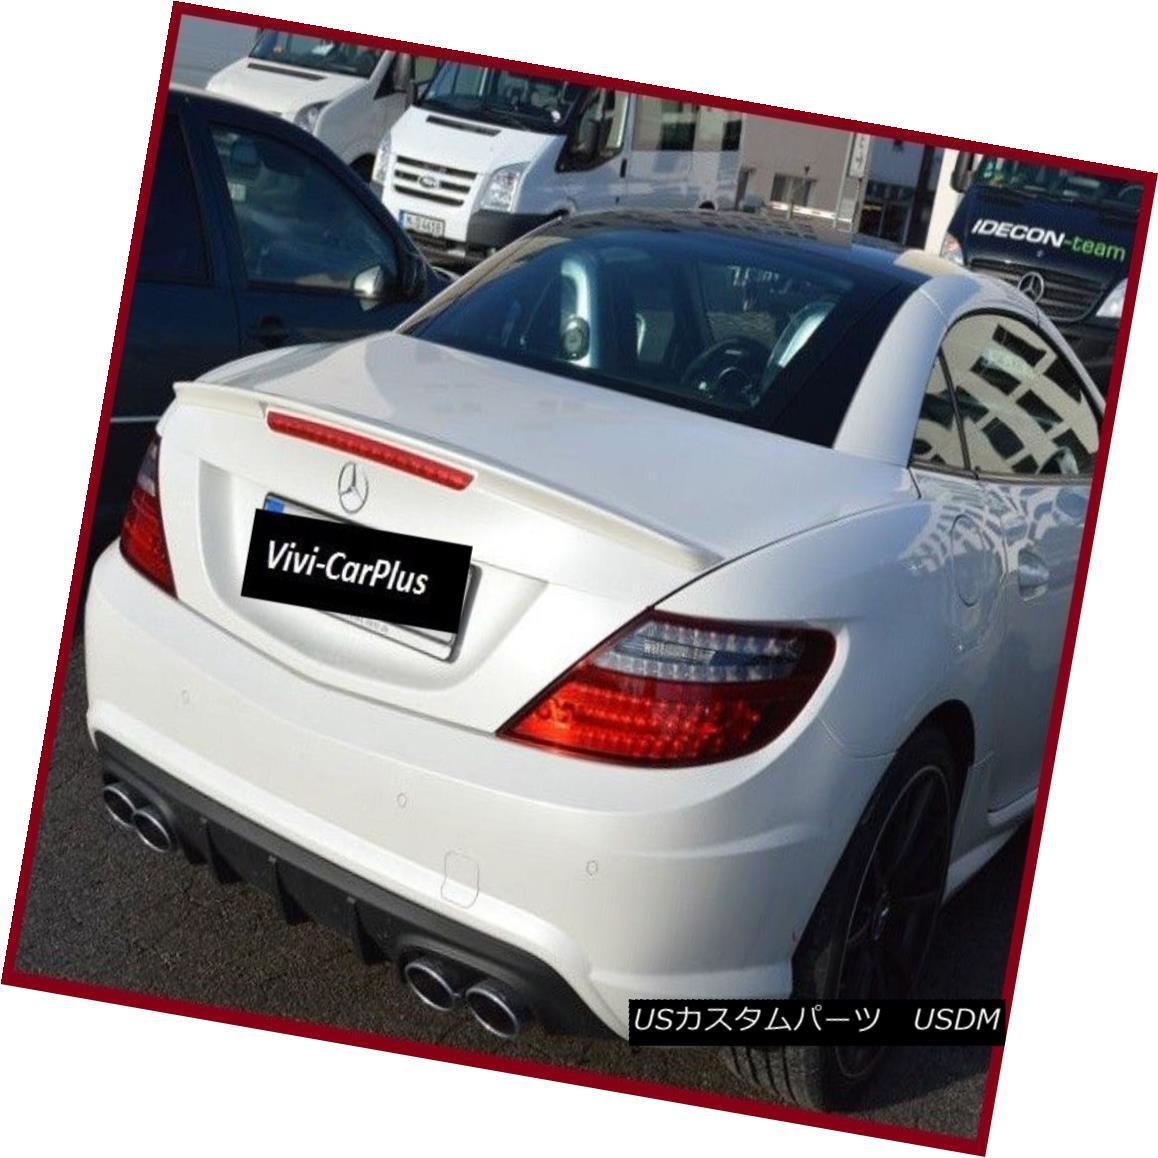 エアロパーツ UNPAINTED 11-15 M-Benz R172 SLK Class SLK300 SLK350 SLK55 AMG Type Trunk Spoiler UNPAINTED 11-15 M-Benz R172 SLKクラスSLK300 SLK350 SLK55 AMGタイプトランク・スポイラー